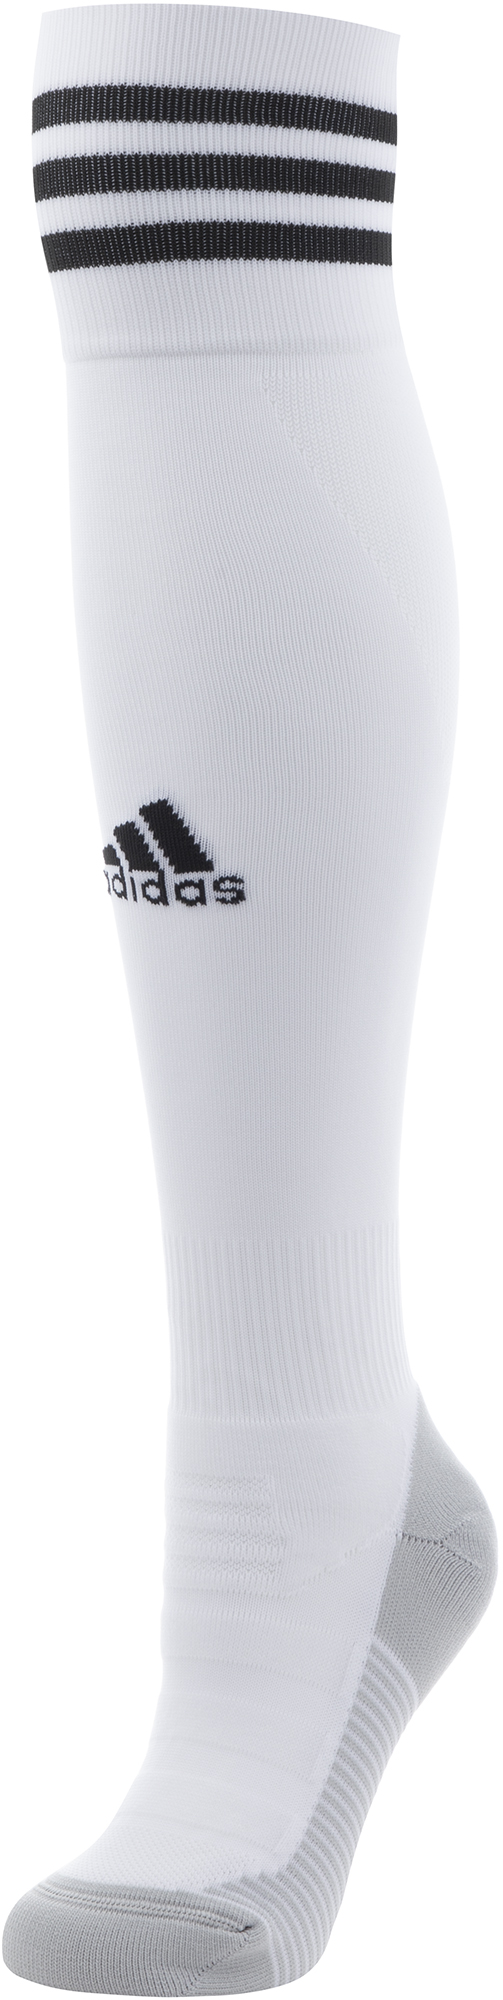 Adidas Гетры футбольные Adidas AdiSock, размер 43-45